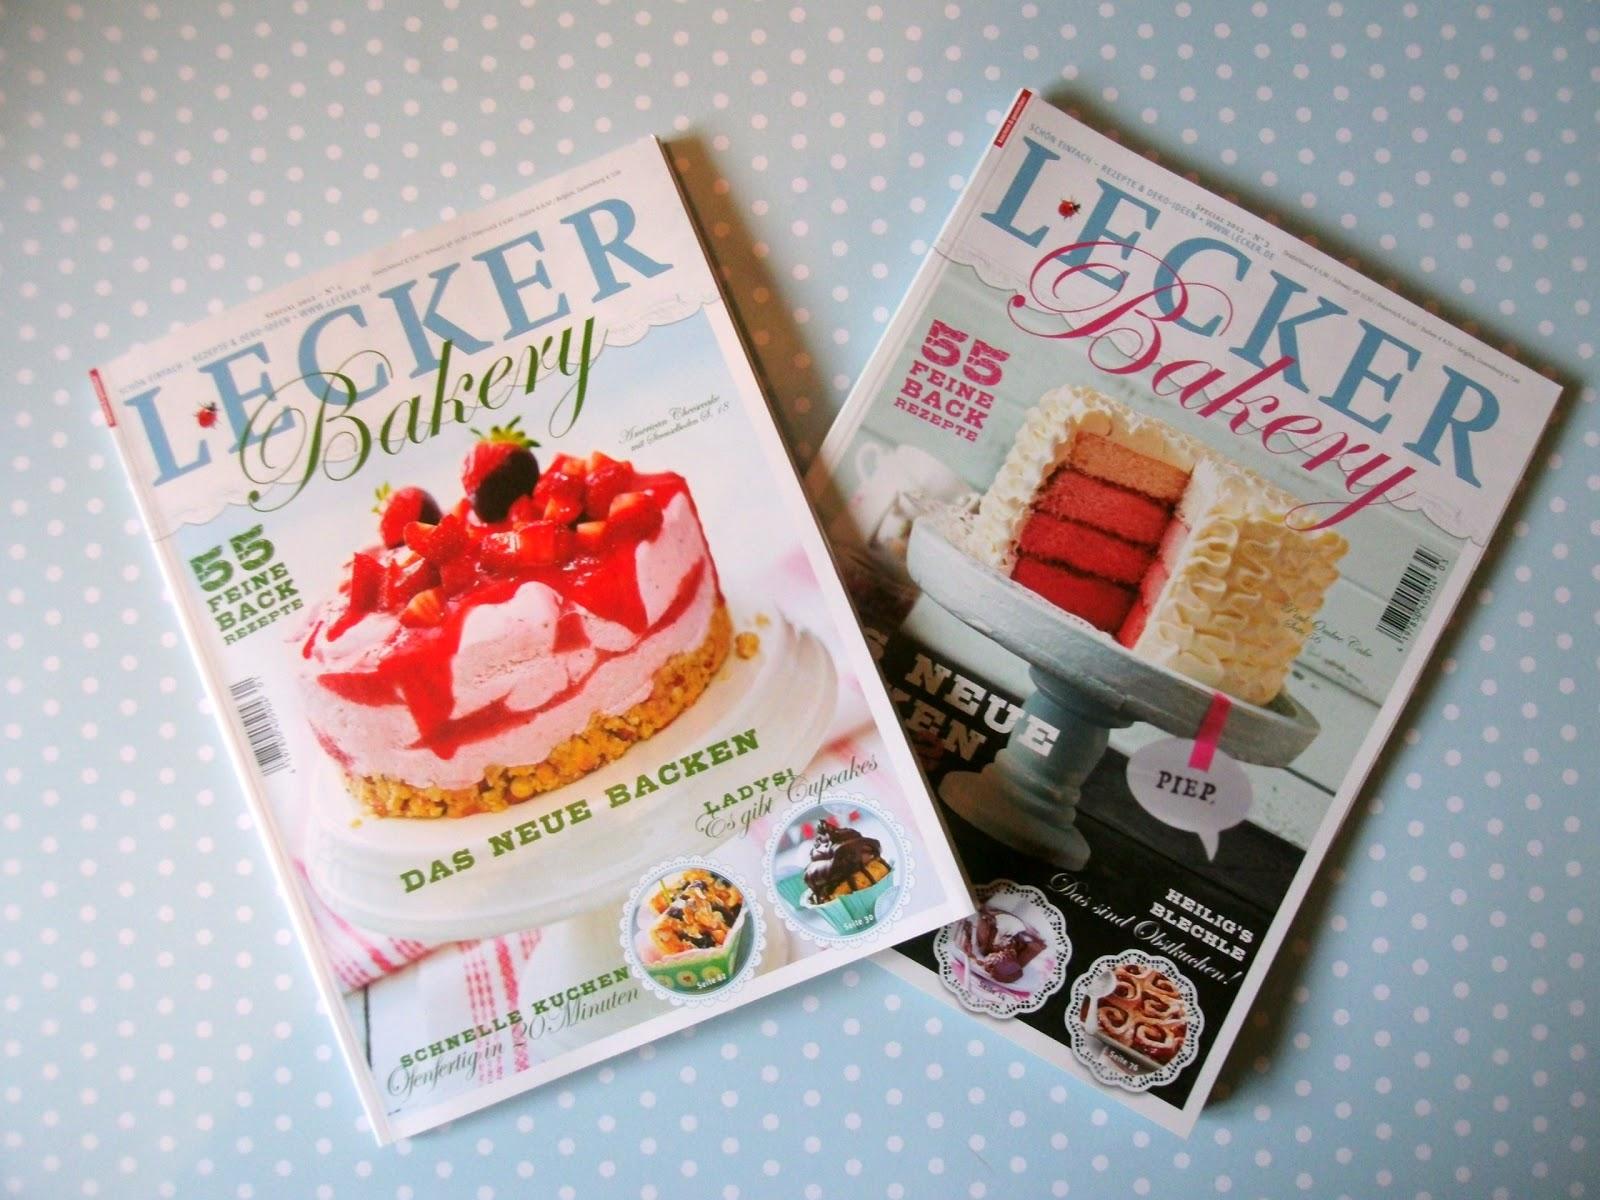 Rezepte lecker bakery